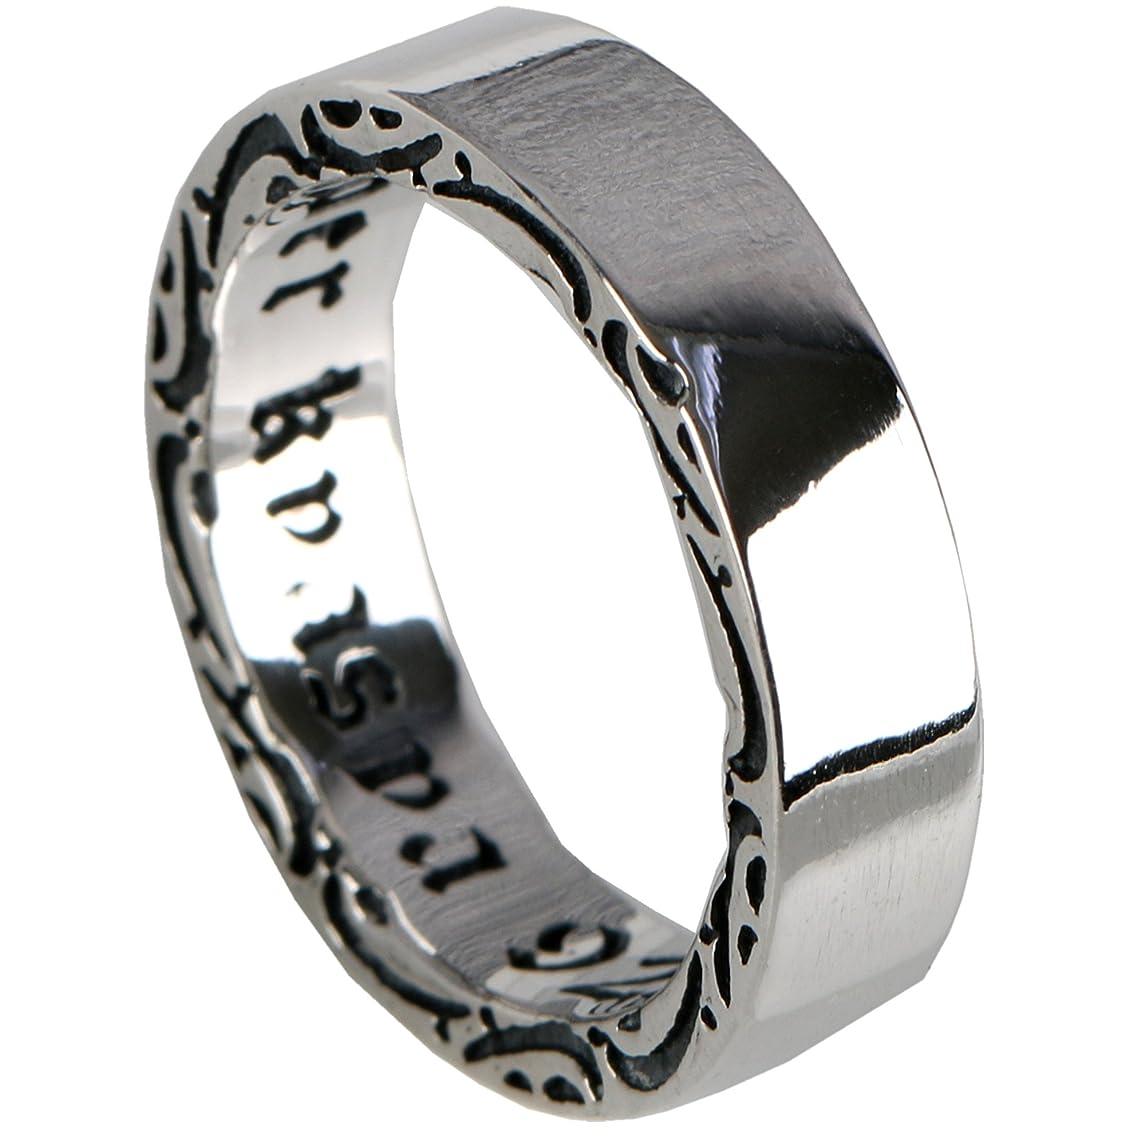 回路エチケットカールsilverkyasya(シルバーキャシャ) オリジナル シンプル リング シルバー925 指輪 ユニセックス 唐草彫り 925 平打ちリング 人気ブランド (18)